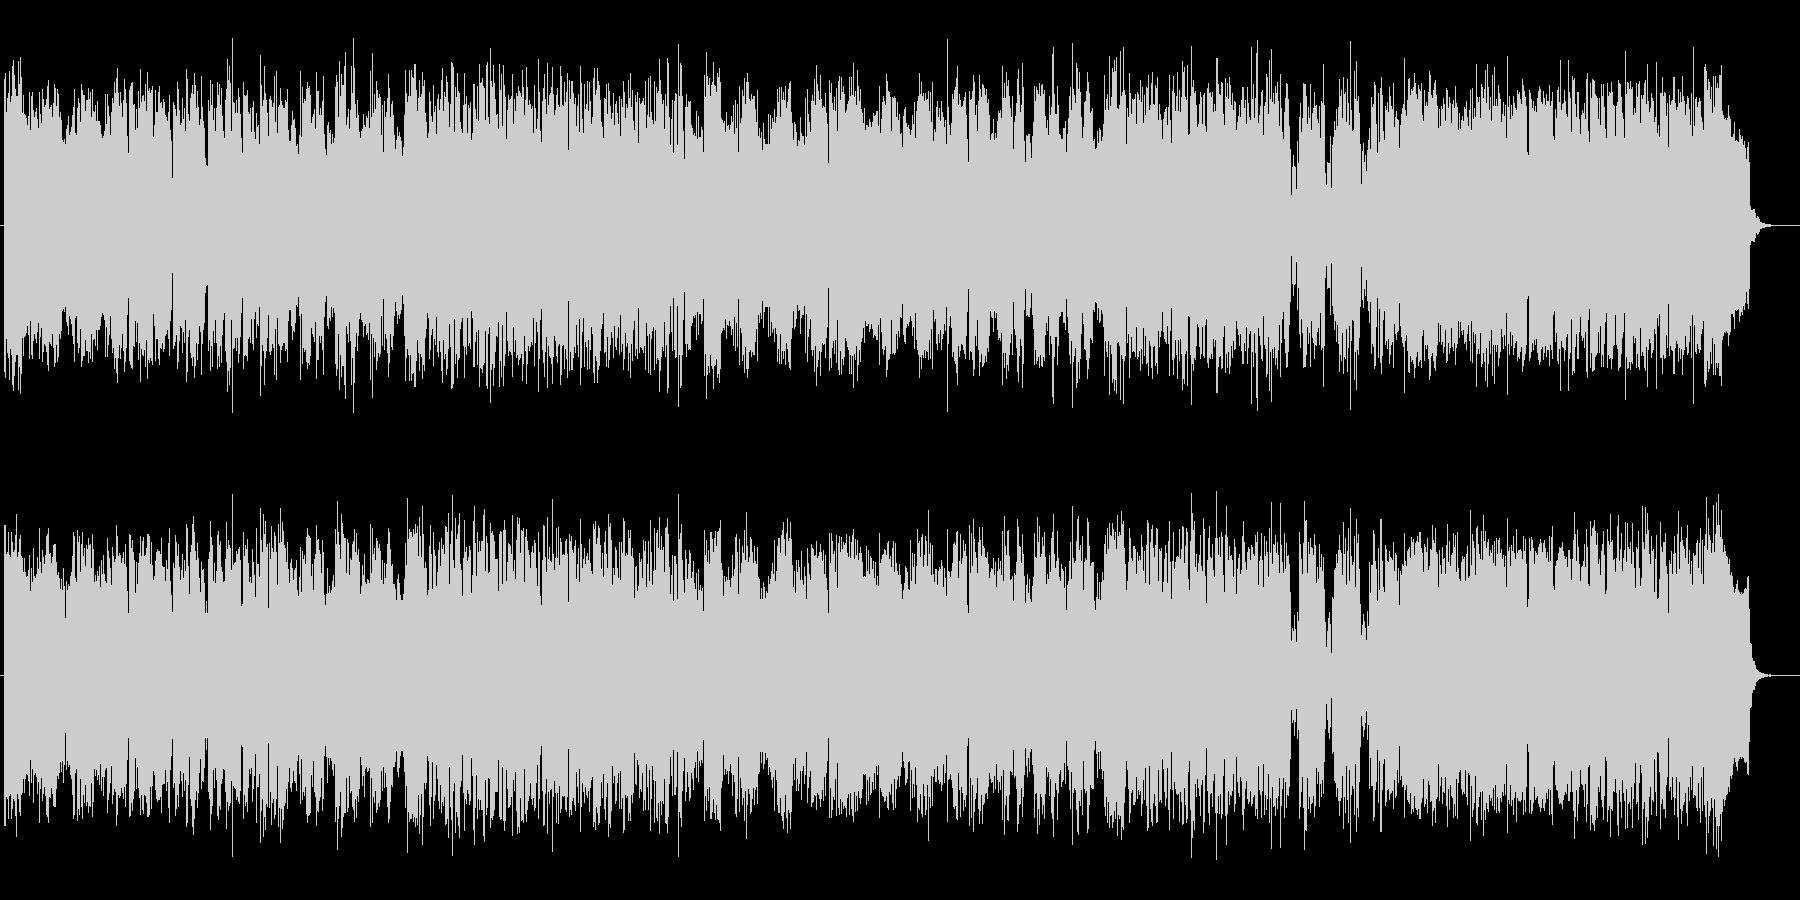 懐かしい宇宙的コンピューターミュージックの未再生の波形